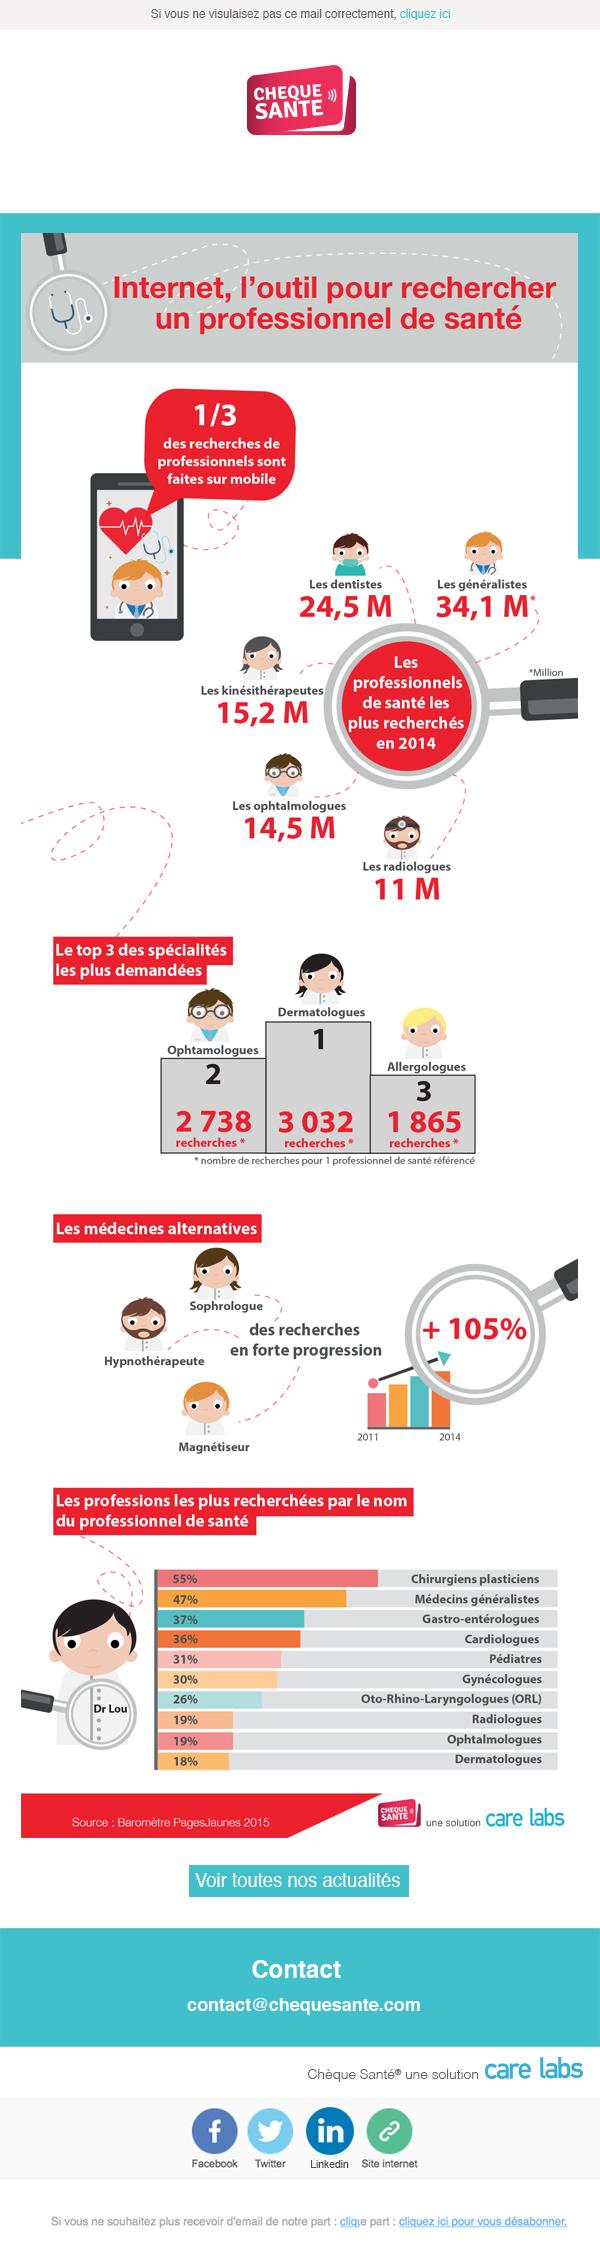 Infographie - internet, l'outil pour retrouver un professionnel de santé